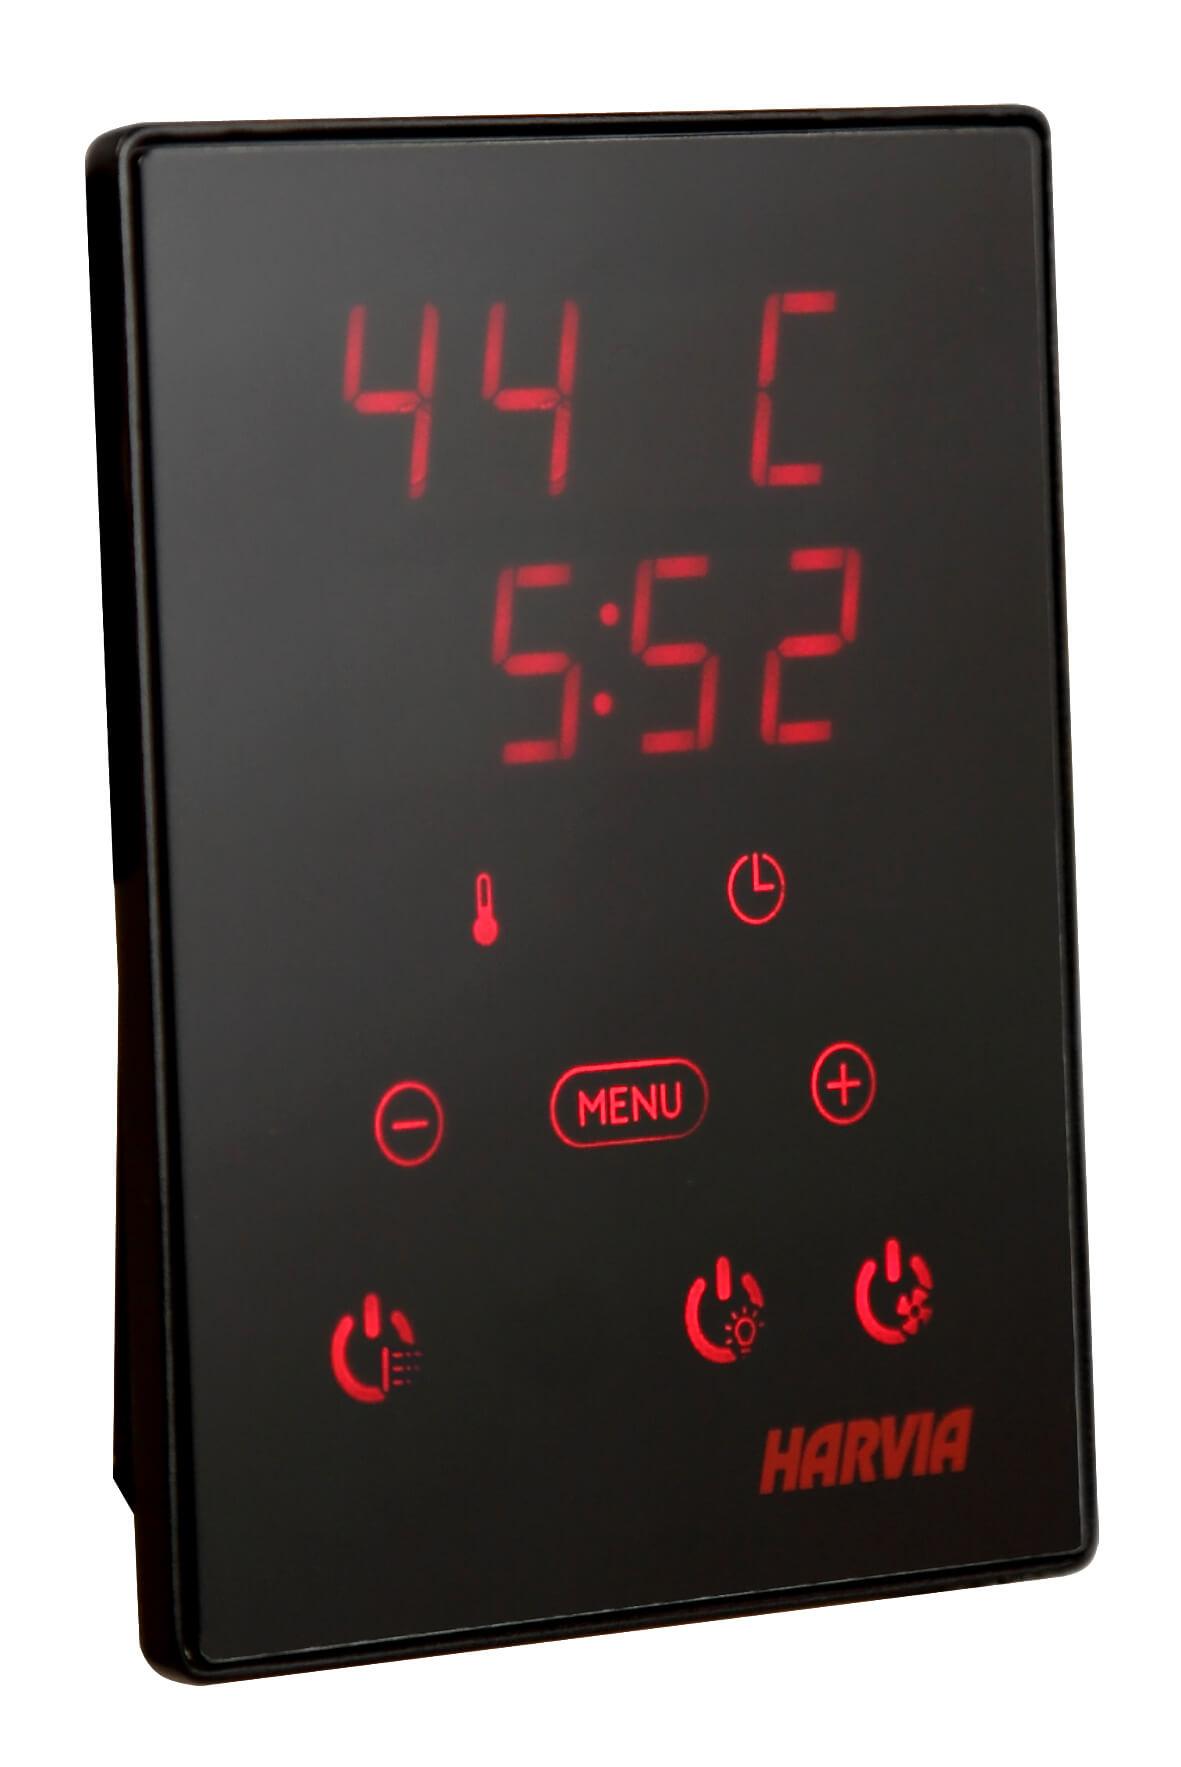 harvia_xenio_cx36i_control_panel